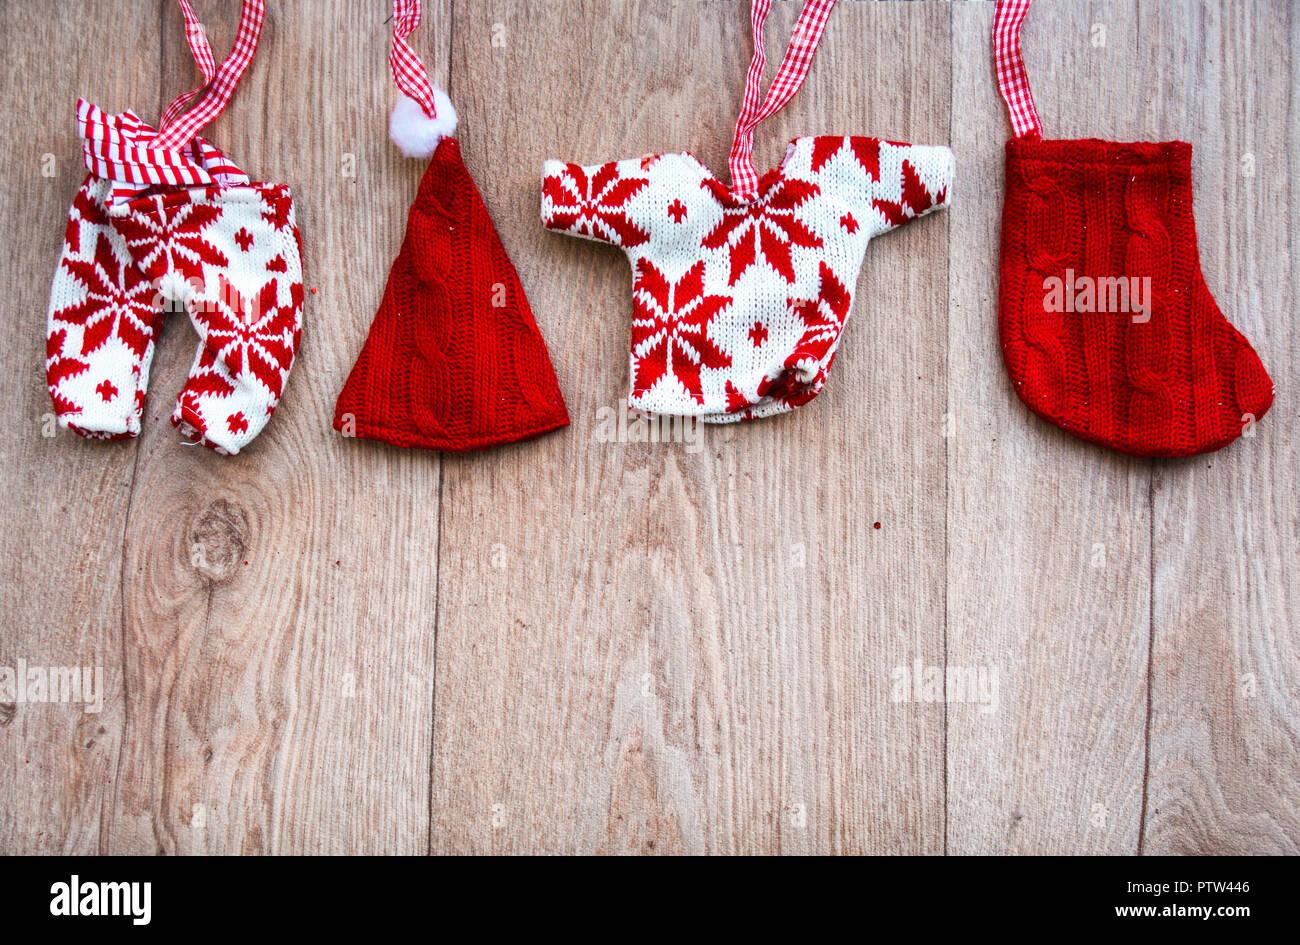 Natale Shabby Chic Rosso.Shabby Chic Di Natale Con Sfondo Rosso E Lana Bianca Poco